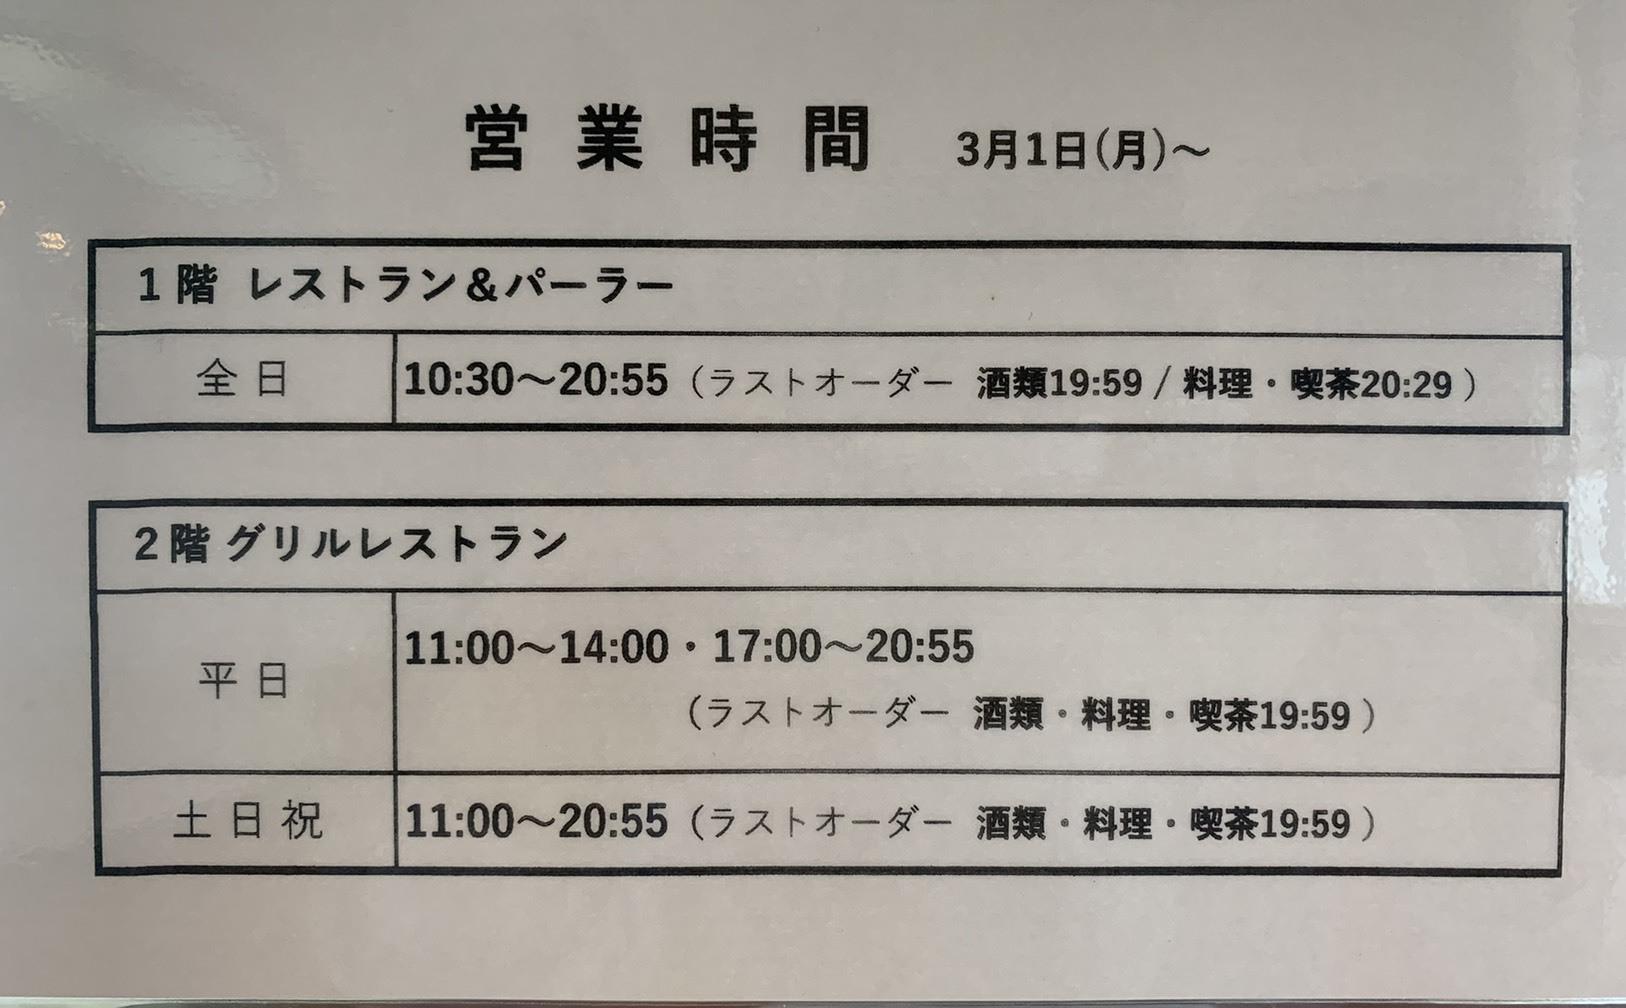 営業時間 短縮の件  レストラン菊水 3月1日(月)~_d0162300_10492272.jpg